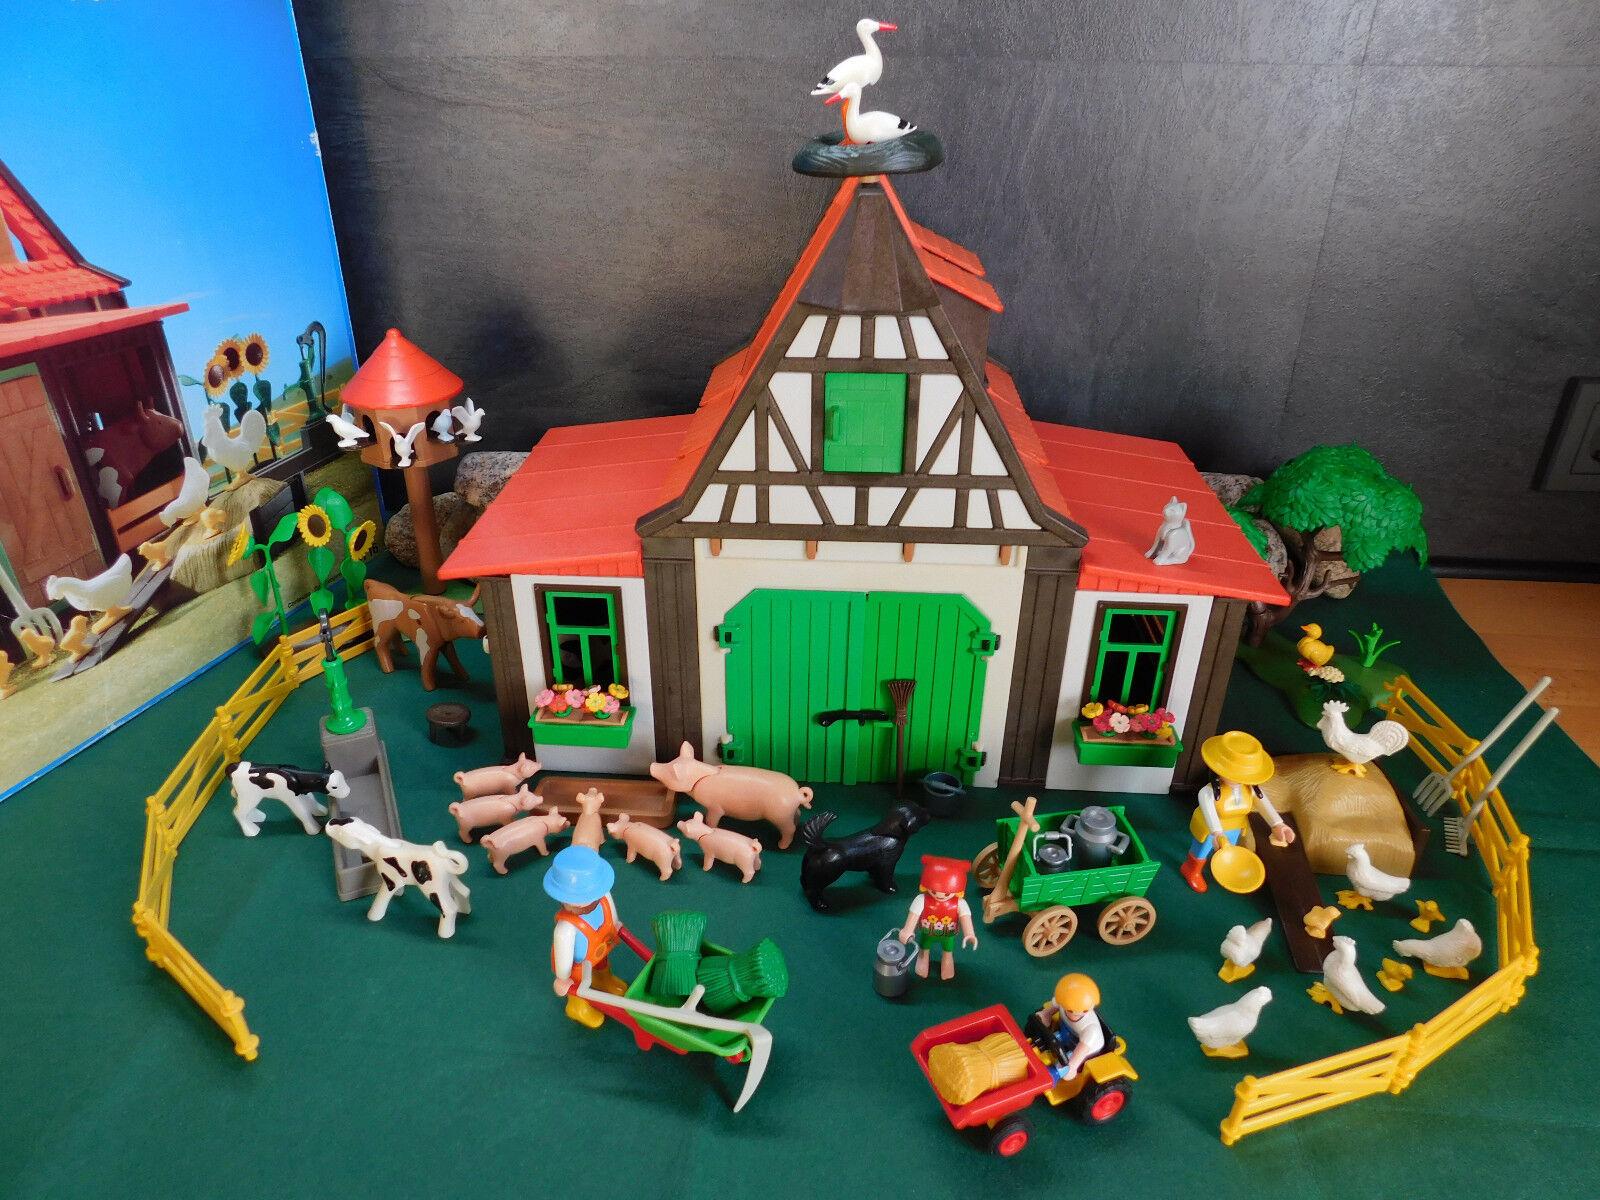 Playmobil Bauernhof 3716-A 1992 mit ausgedr. BA mehr Zubehör und OVP